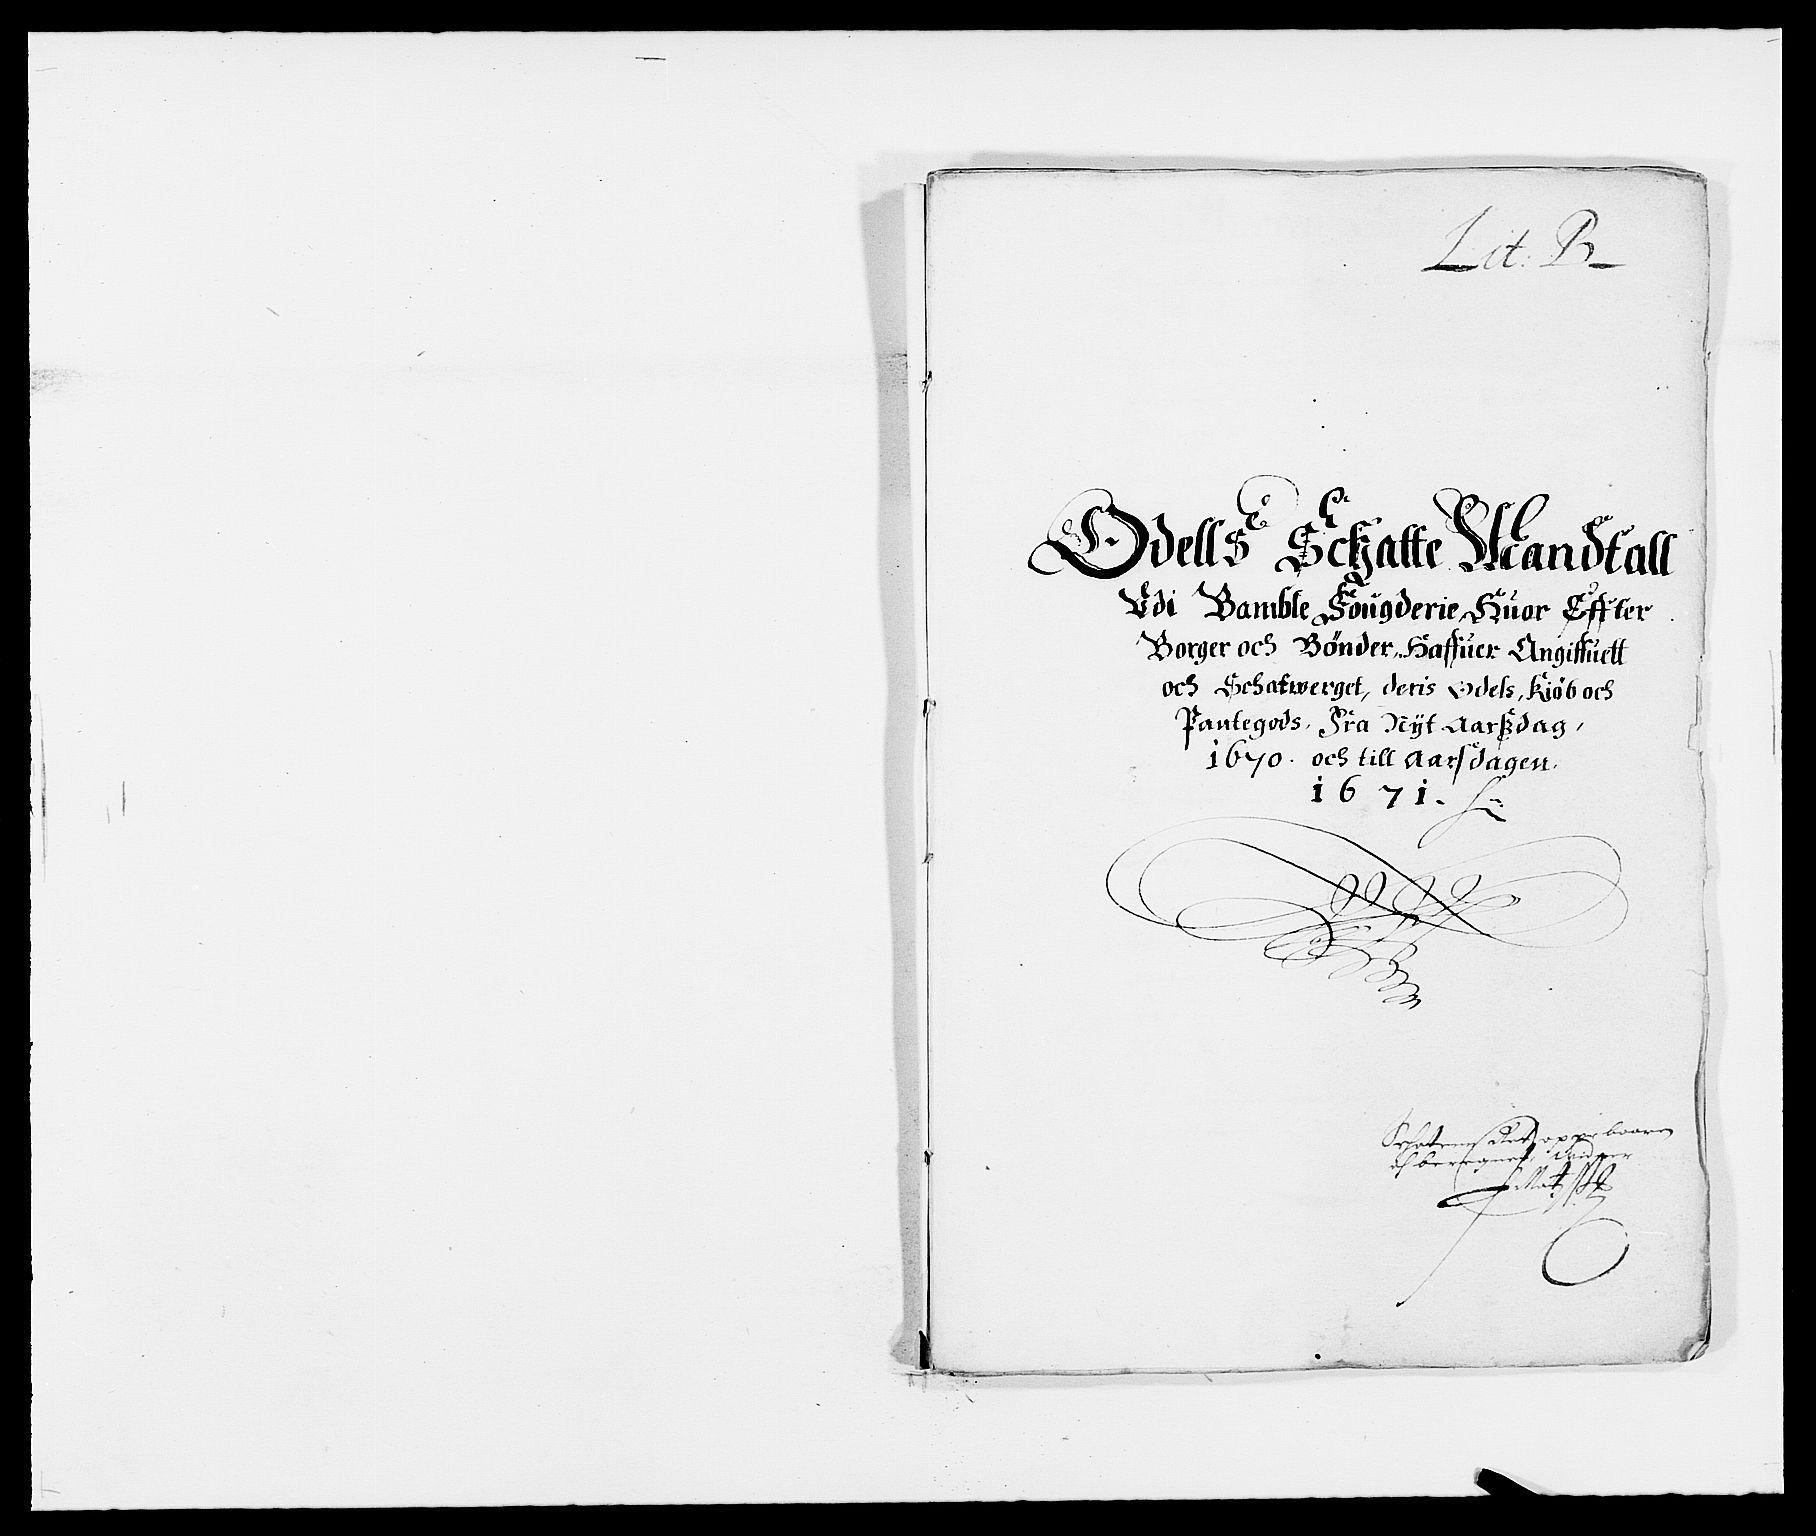 RA, Rentekammeret inntil 1814, Reviderte regnskaper, Fogderegnskap, R34/L2041: Fogderegnskap Bamble, 1670-1672, s. 31